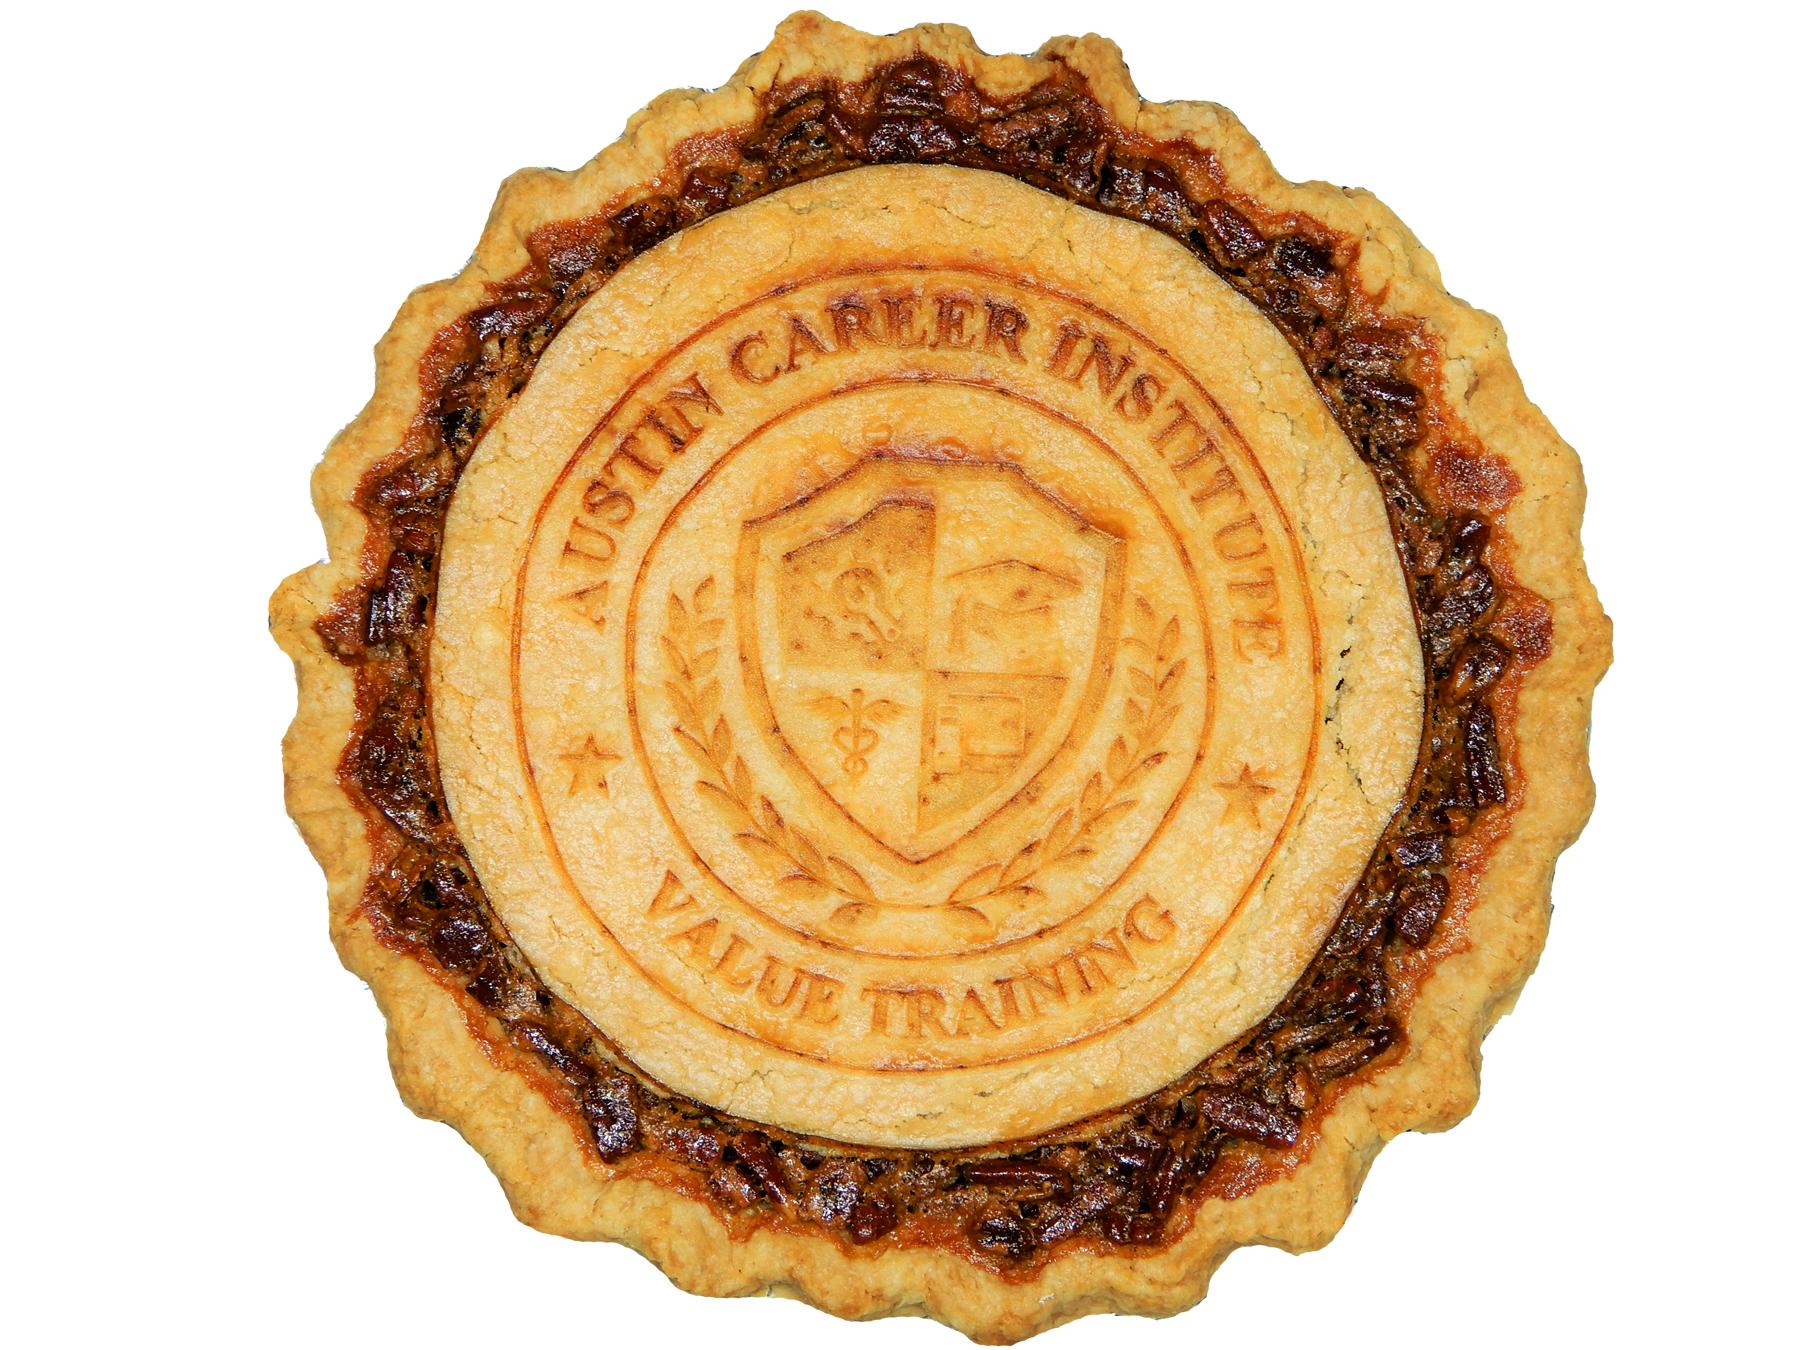 Austin, TX logo on pie